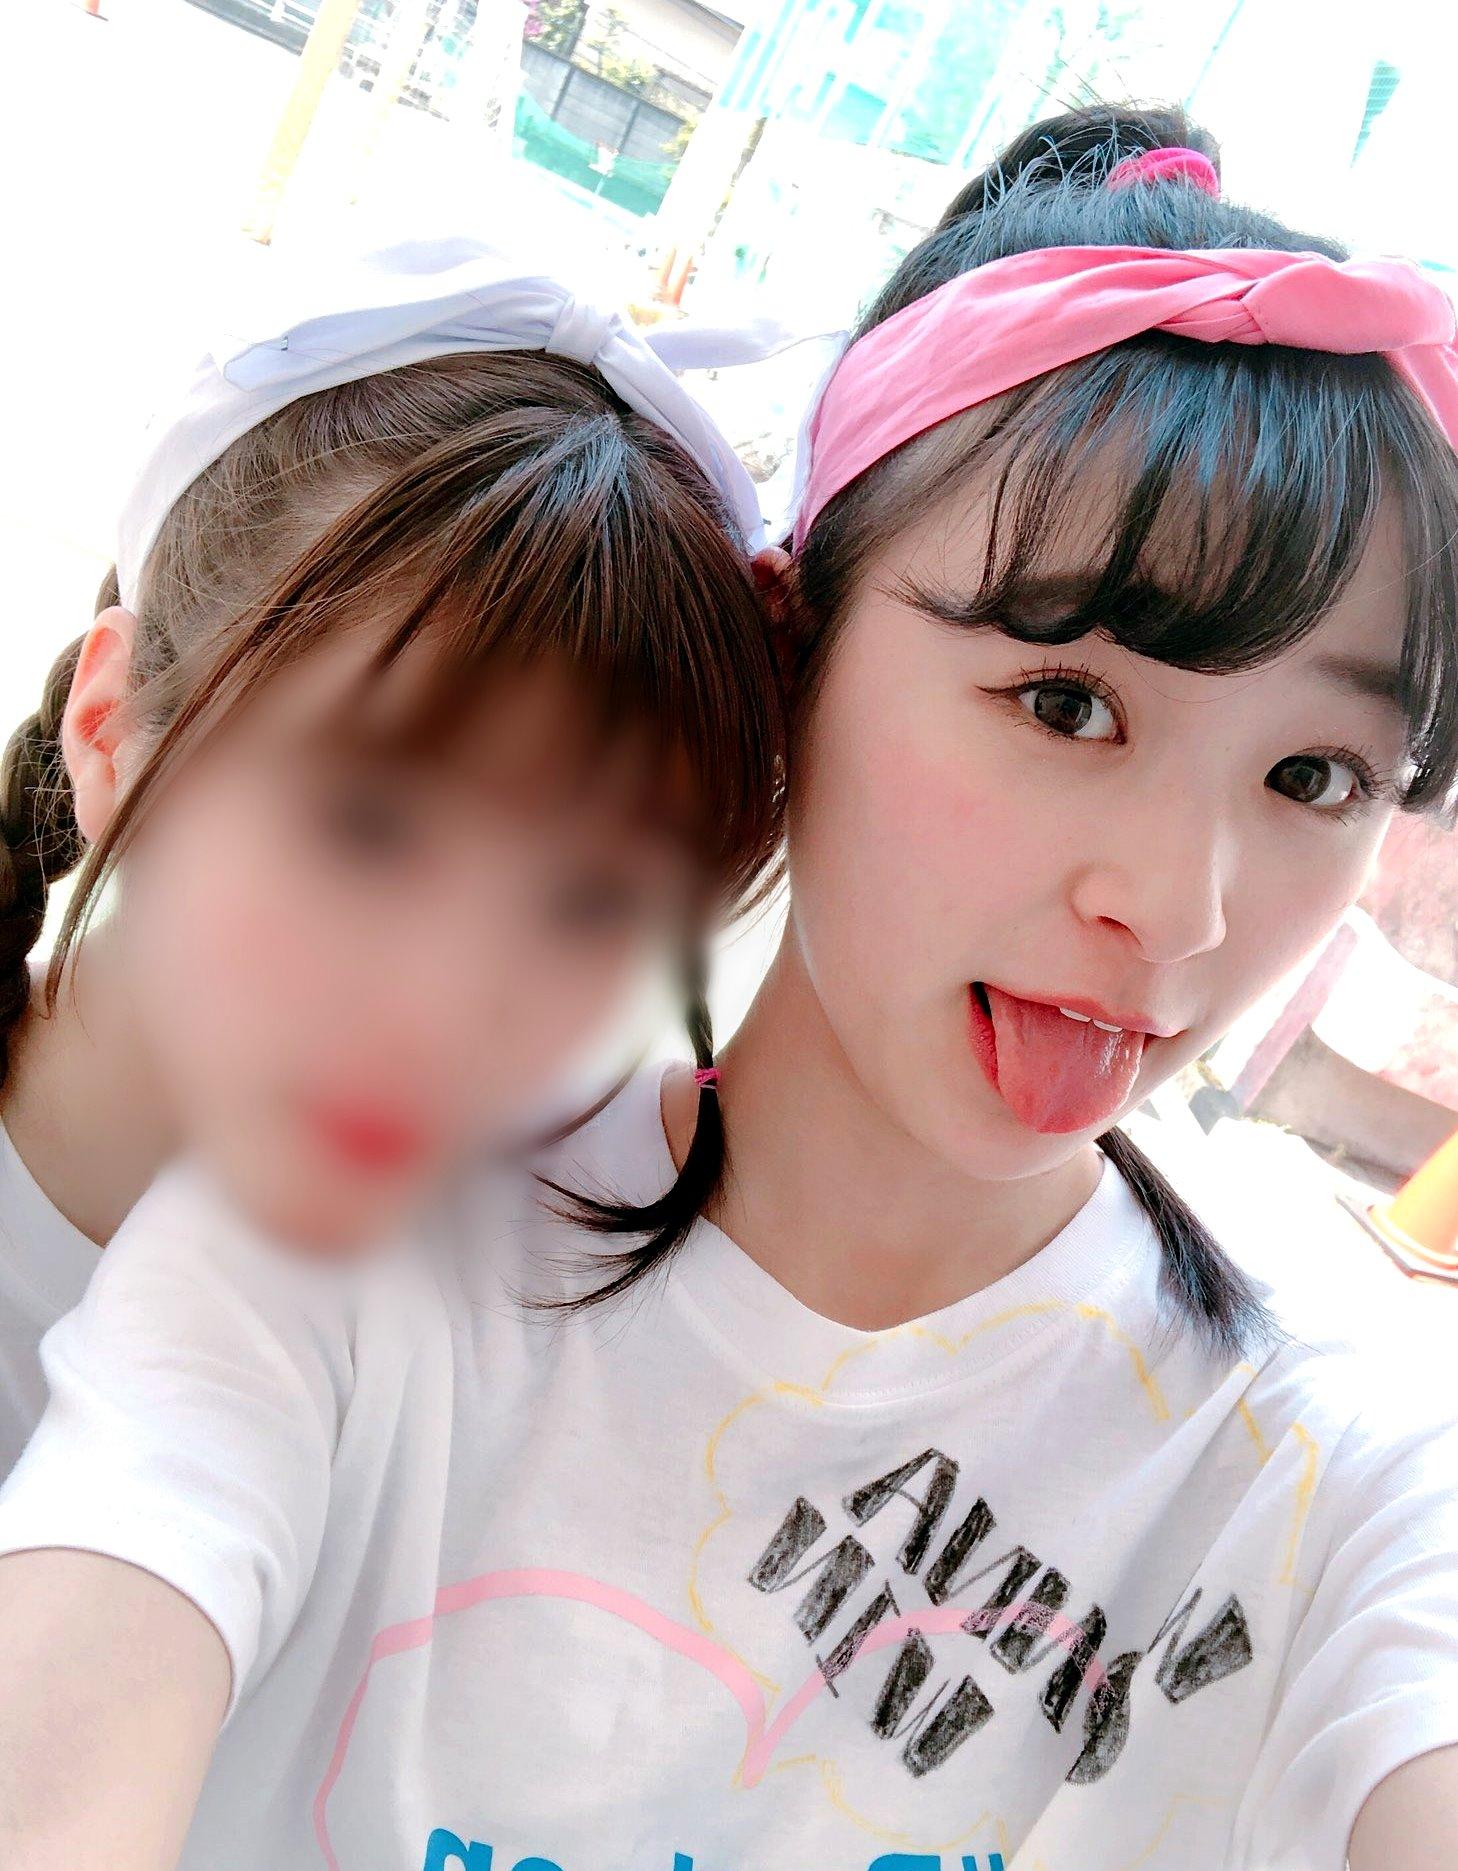 鈴木美羽のぽってり舌まとめ (18)